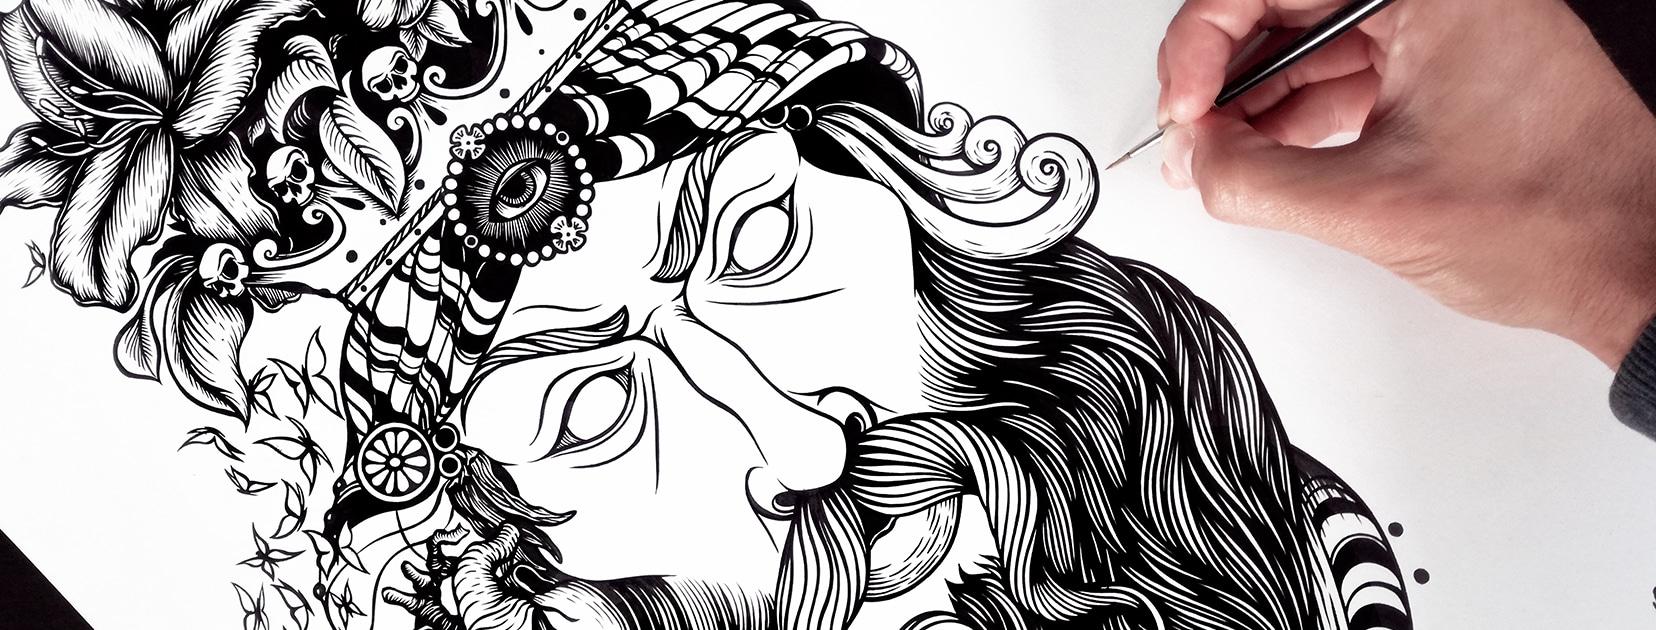 Artista di grafiche skate, un'immagine creata da Tela